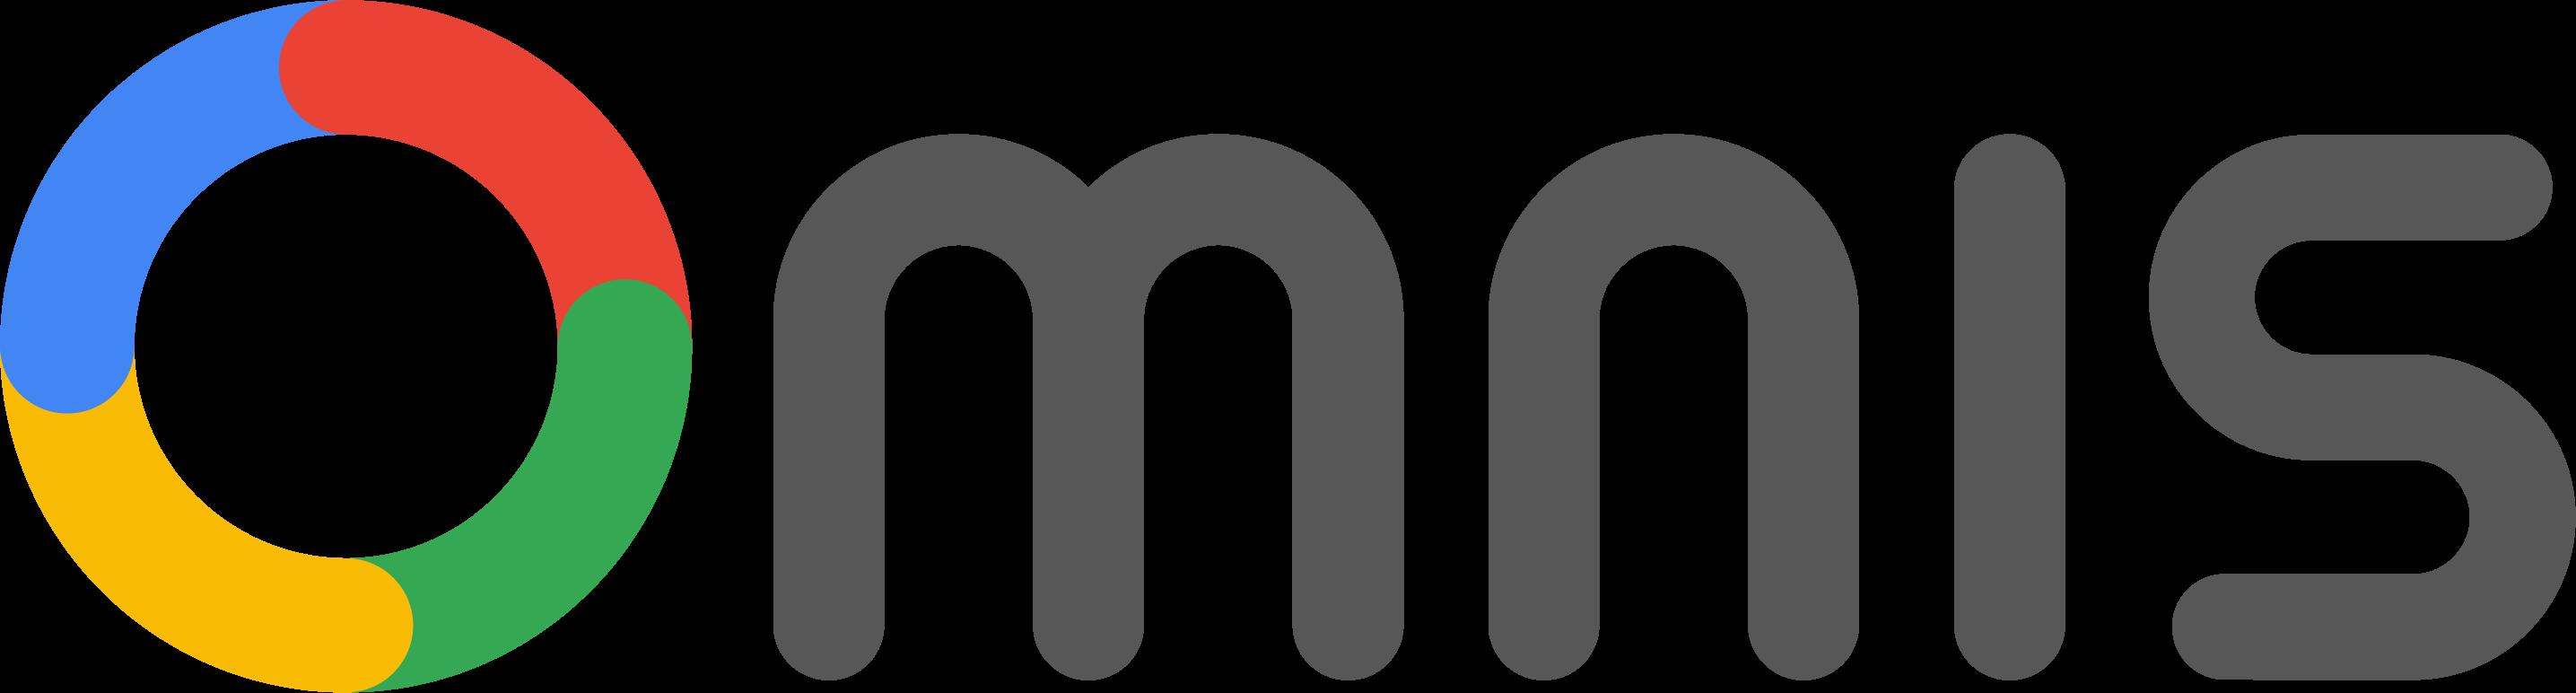 サーバーワークス、「 Amazon Connect 」とMSYSが提供する「 MSYS Omnis 」を連携